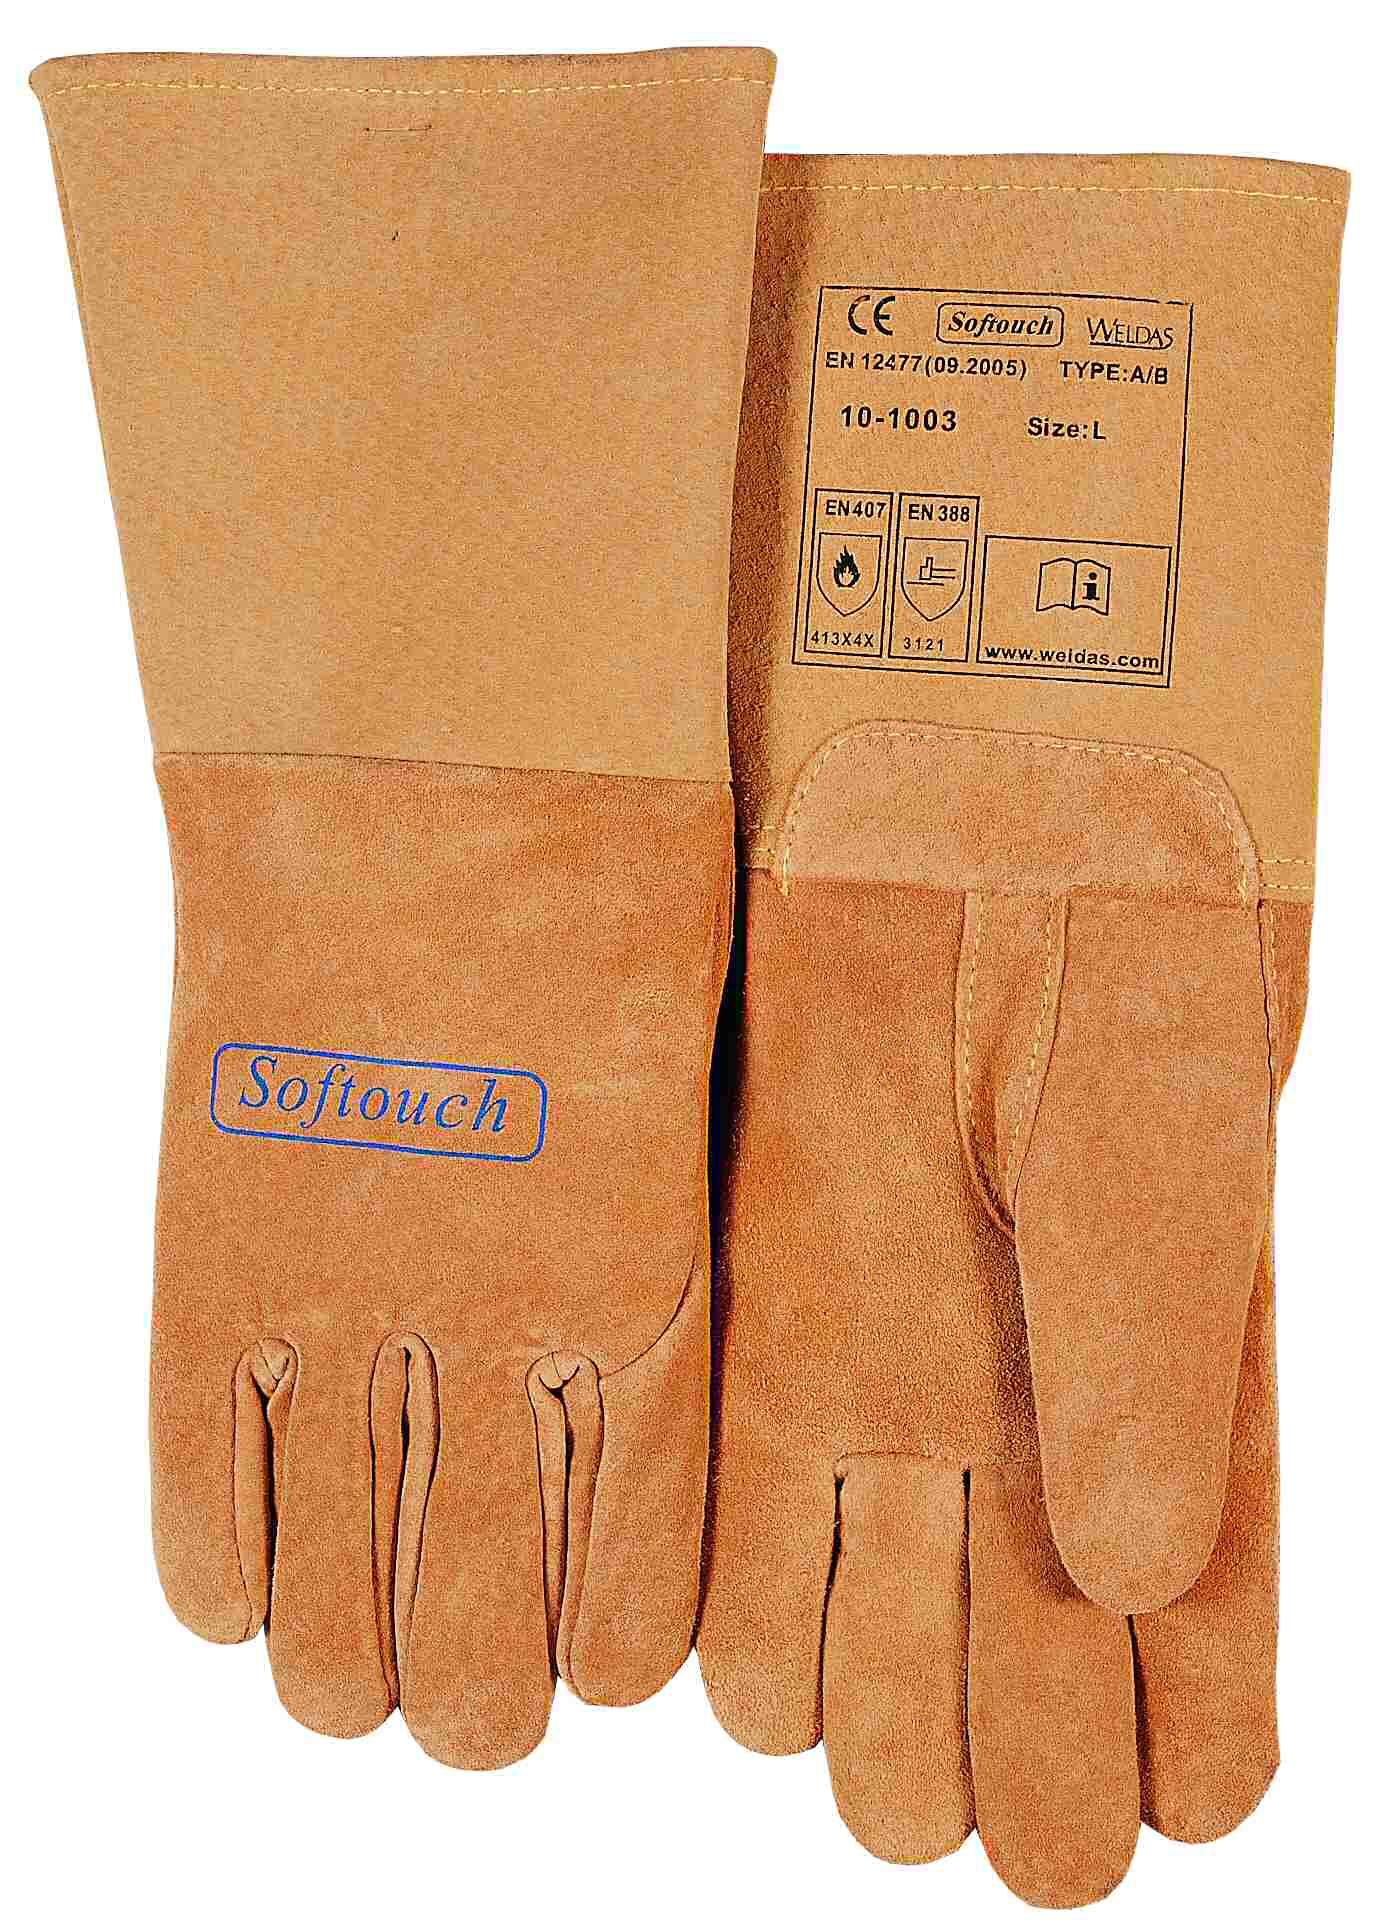 10-1003-SOFTouch™ mănuşă de sudură din piele box de porc